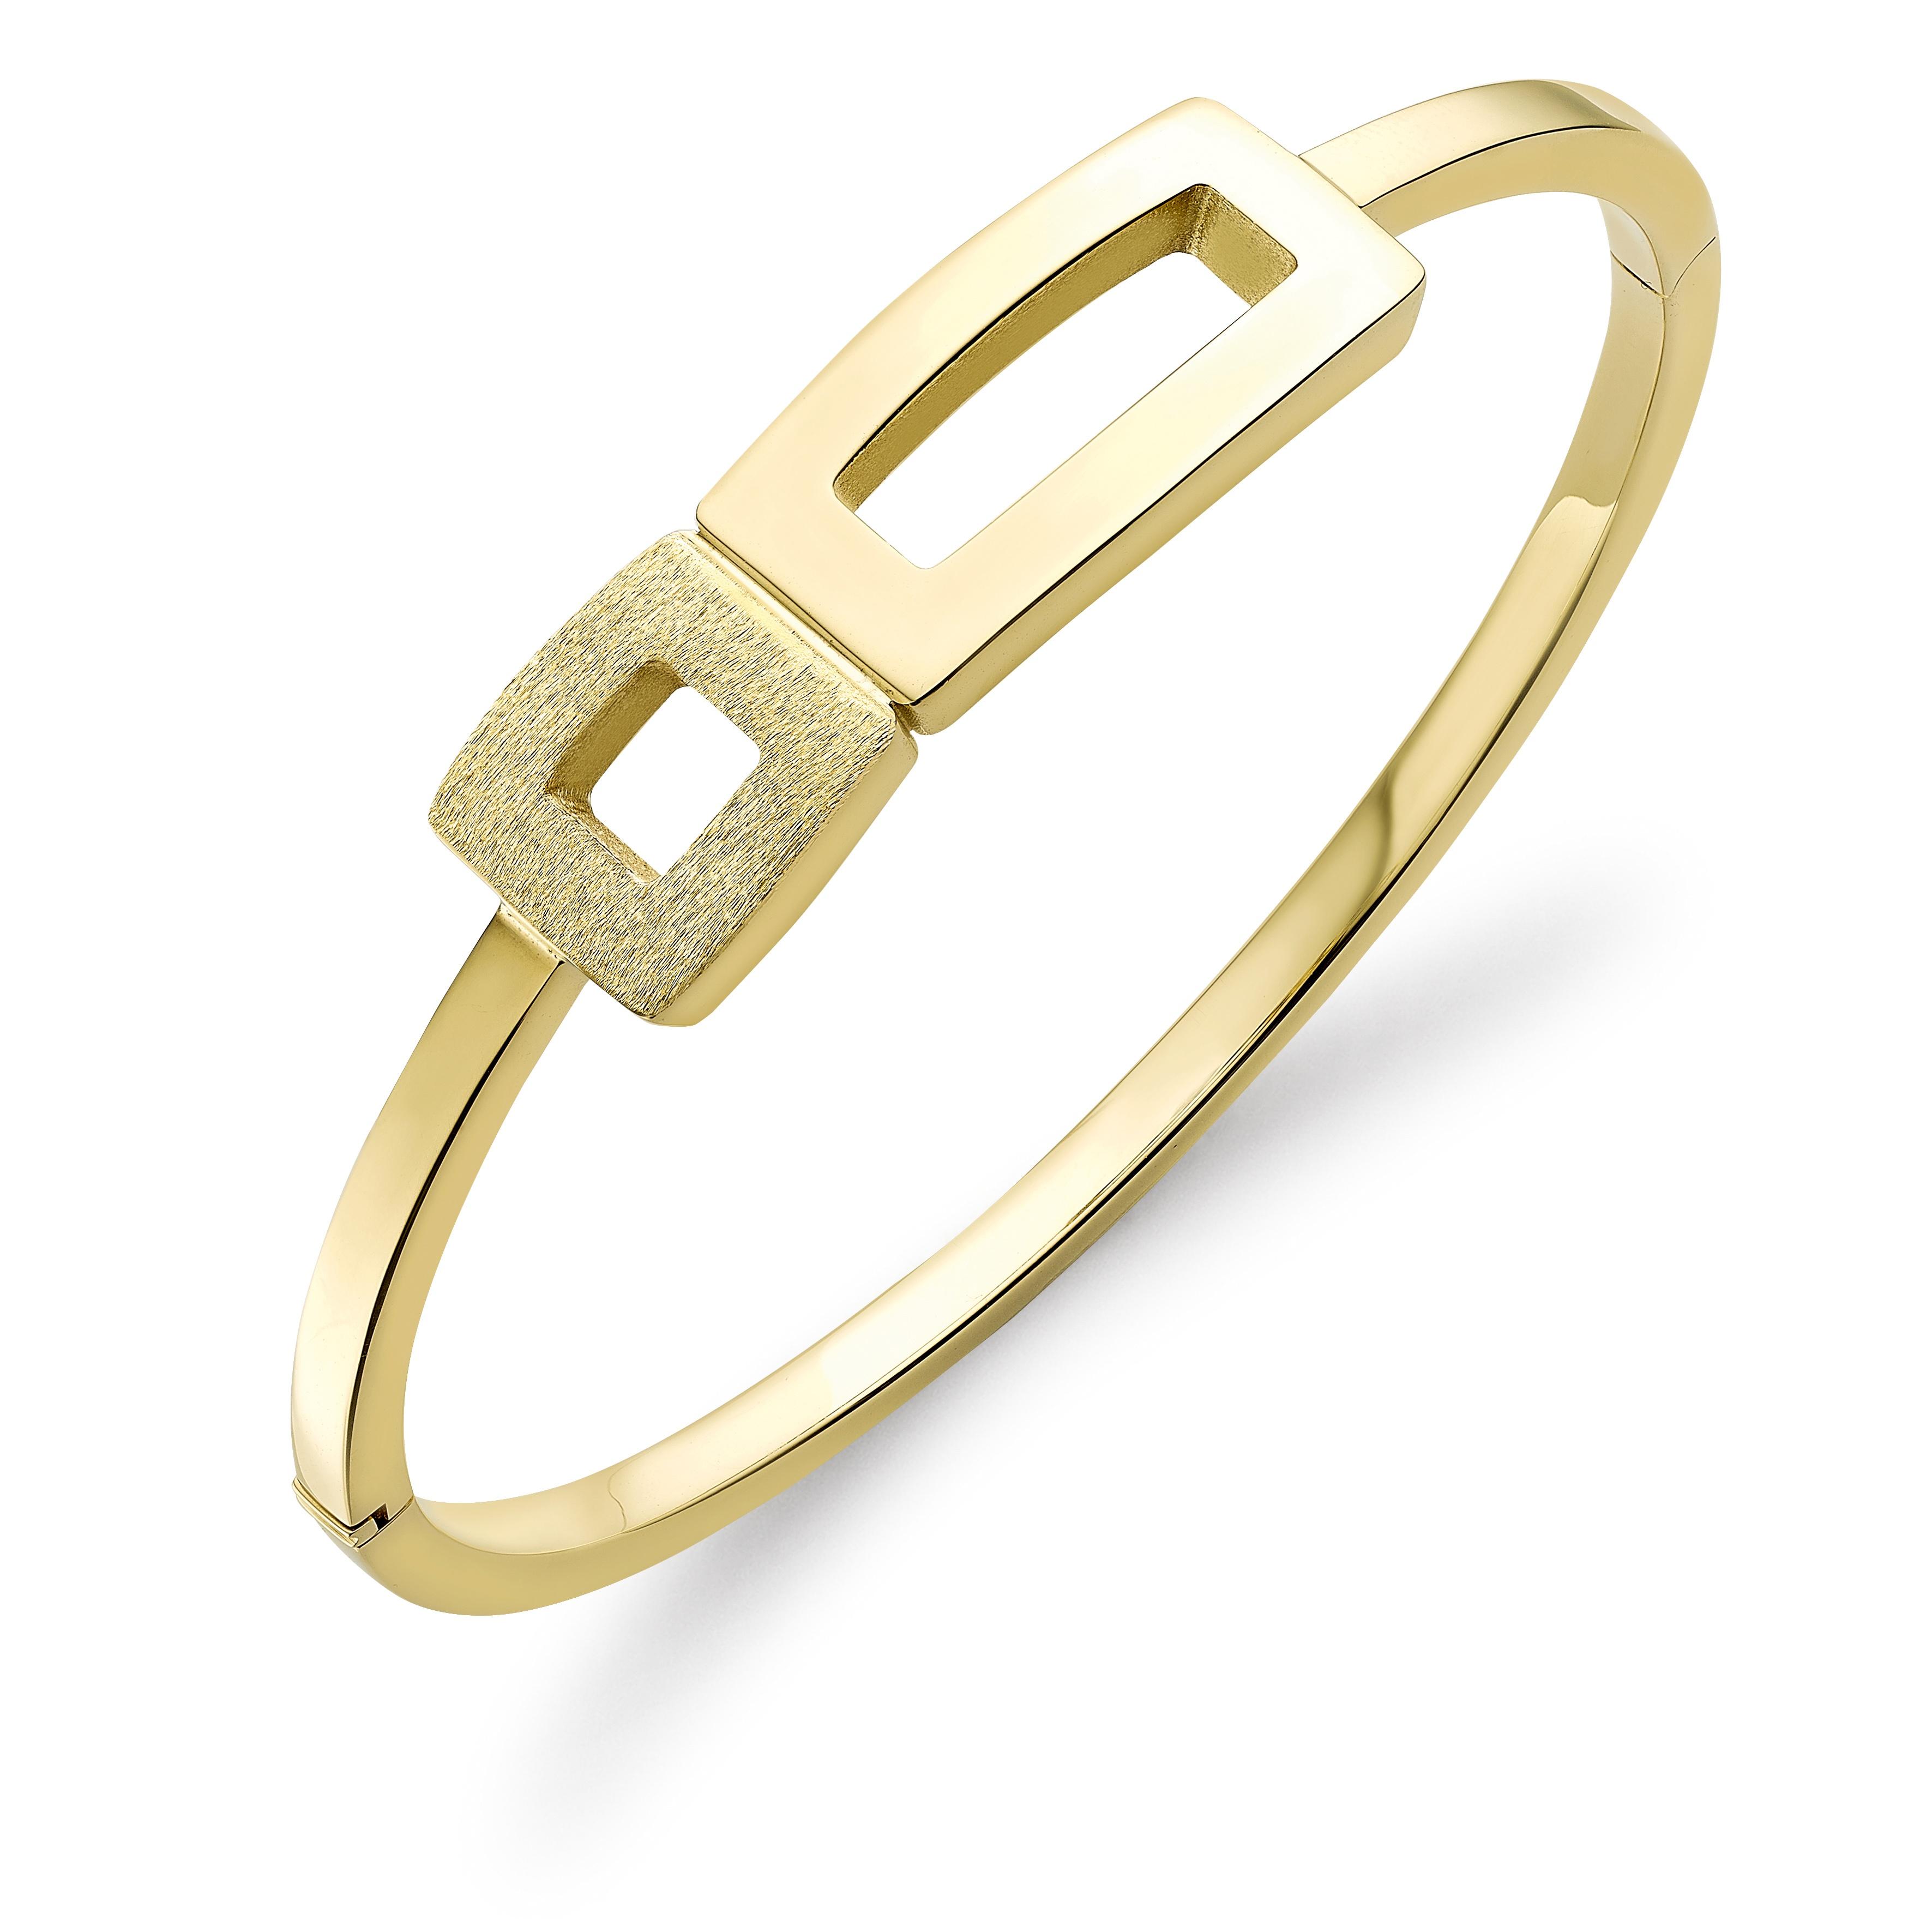 9ct yellow gold geometric bangle